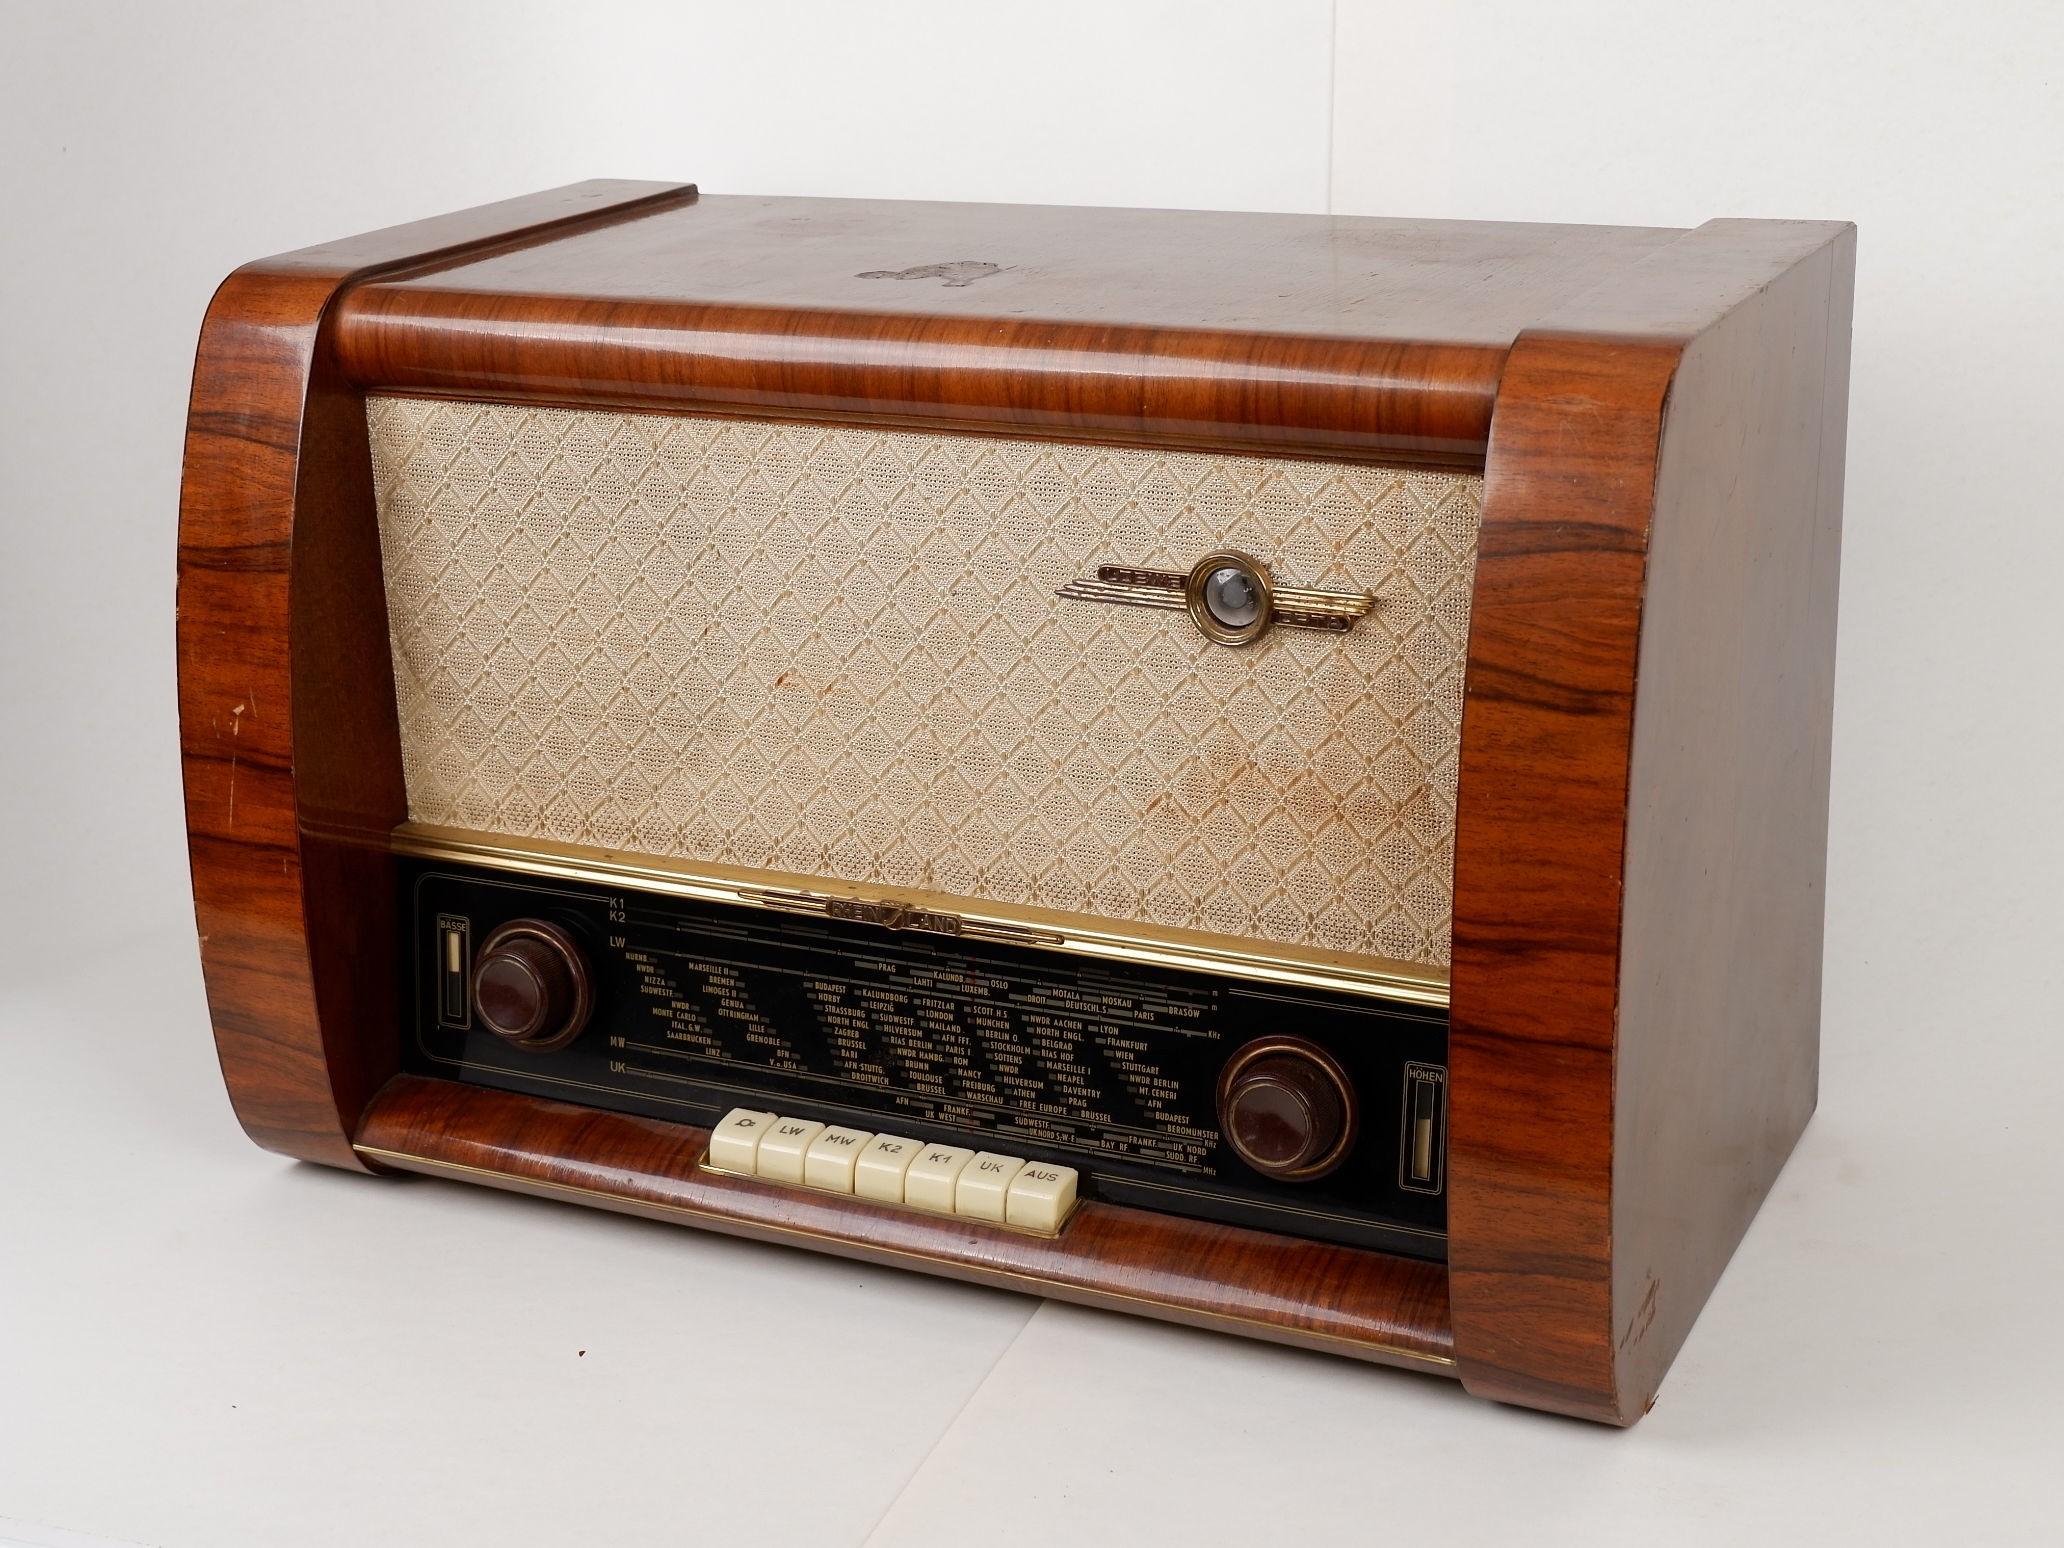 Röhrenradio Loewe Opta Rheinland 4953W